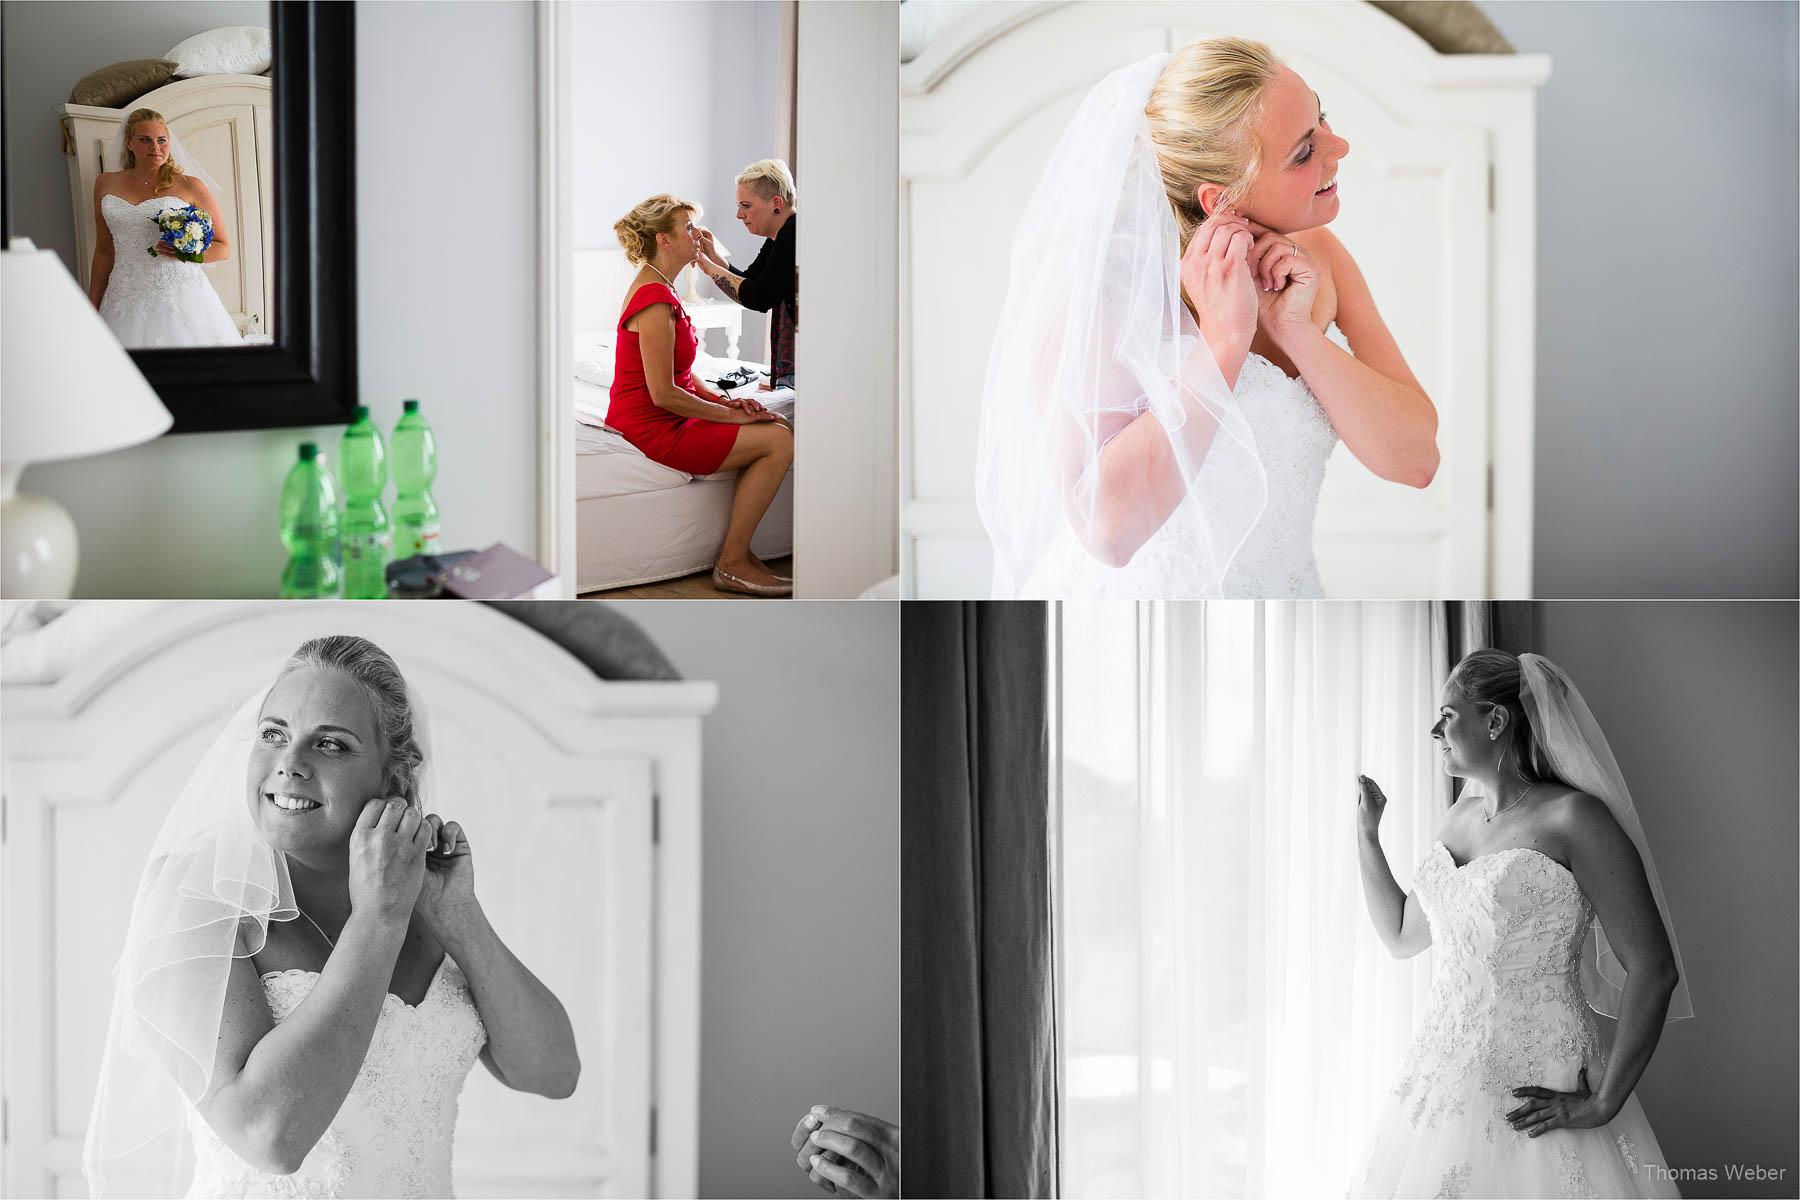 Hochzeitsfotograf bei einer Hochzeit auf Schloss Gamehl an der Ostsee: Die Ankleide der Braut